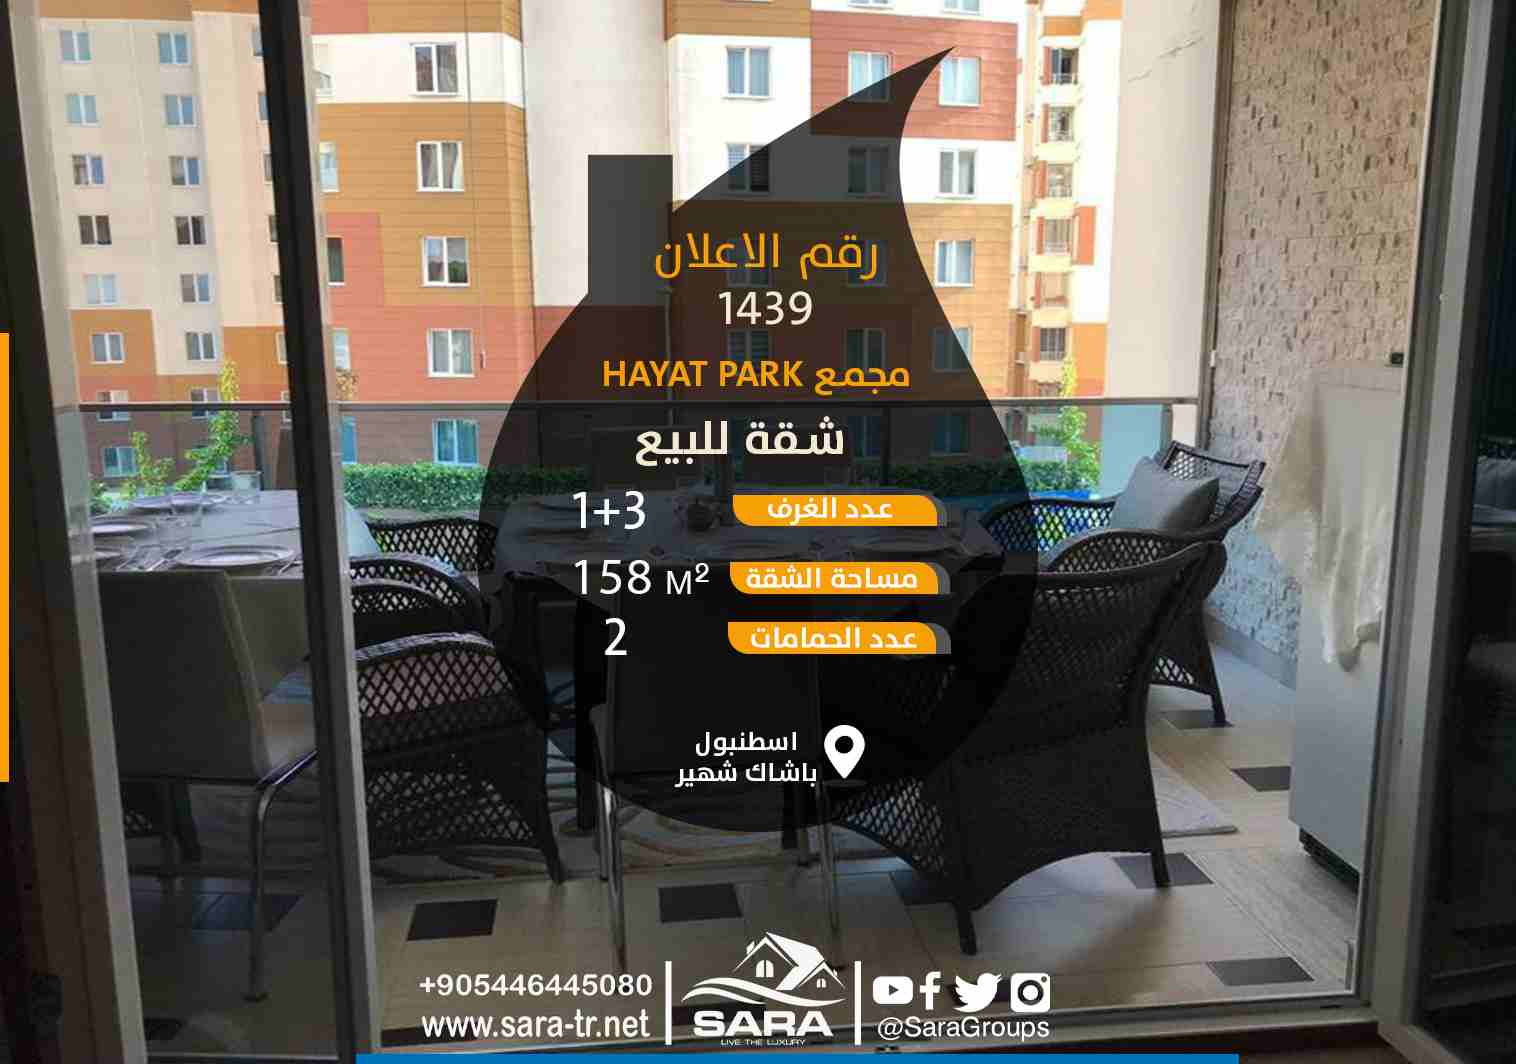 اعلان 1439 #شقة_للبيع_باشاك_شهير 3غرف وصالون 3+1 ضمن مجمع HAYAT...